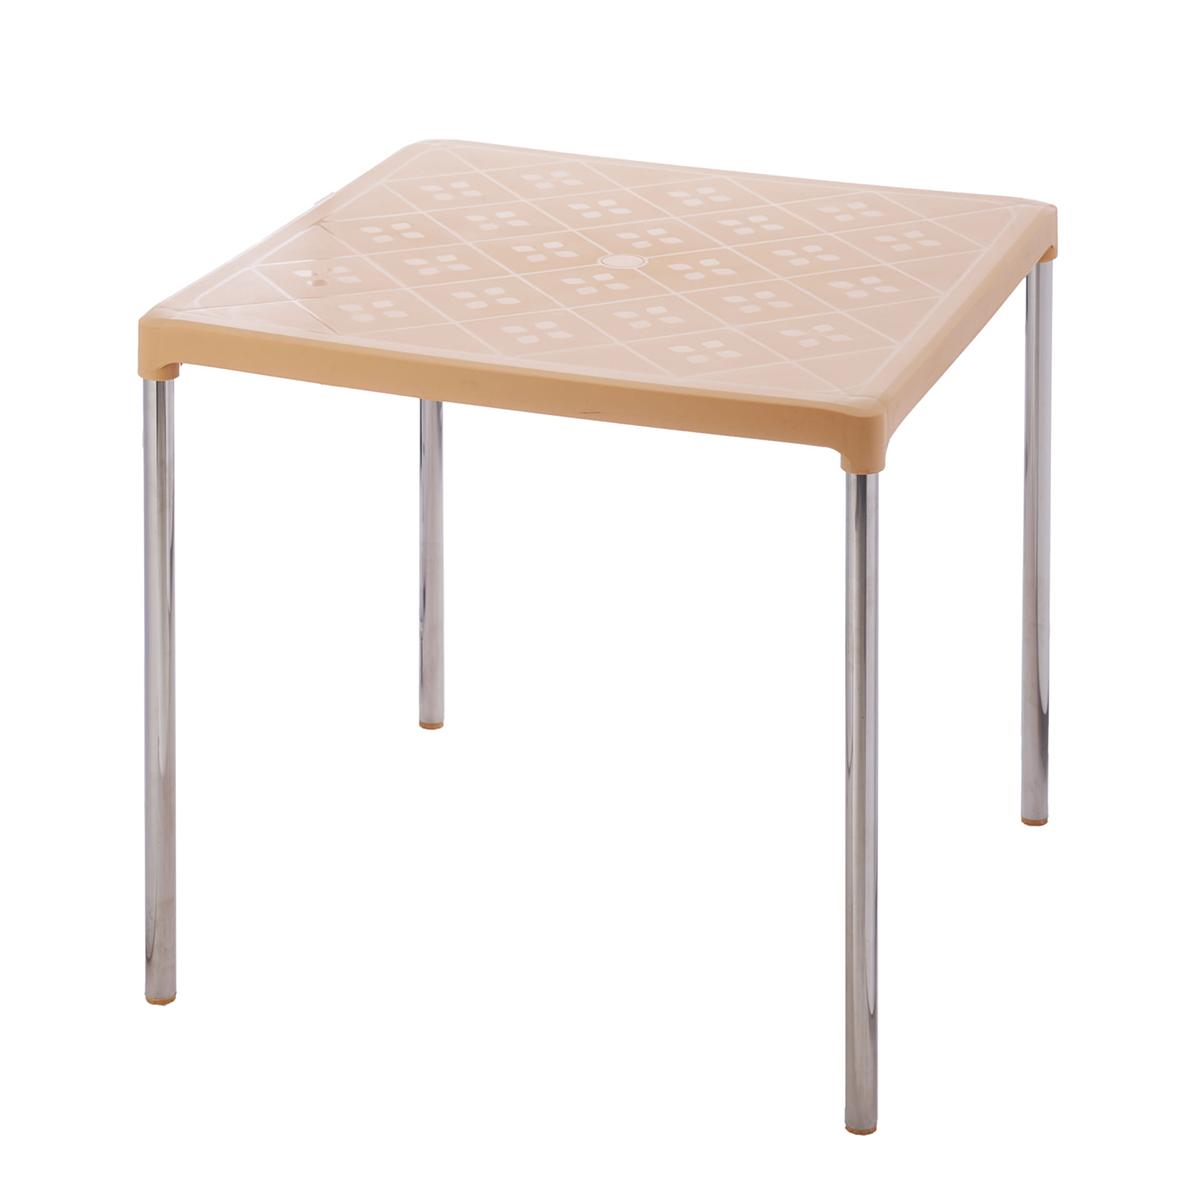 Bàn vuông chân Inox Duy Tân 75 x 75 x 72 cm No.347 Giao màu ngẫu nhiên